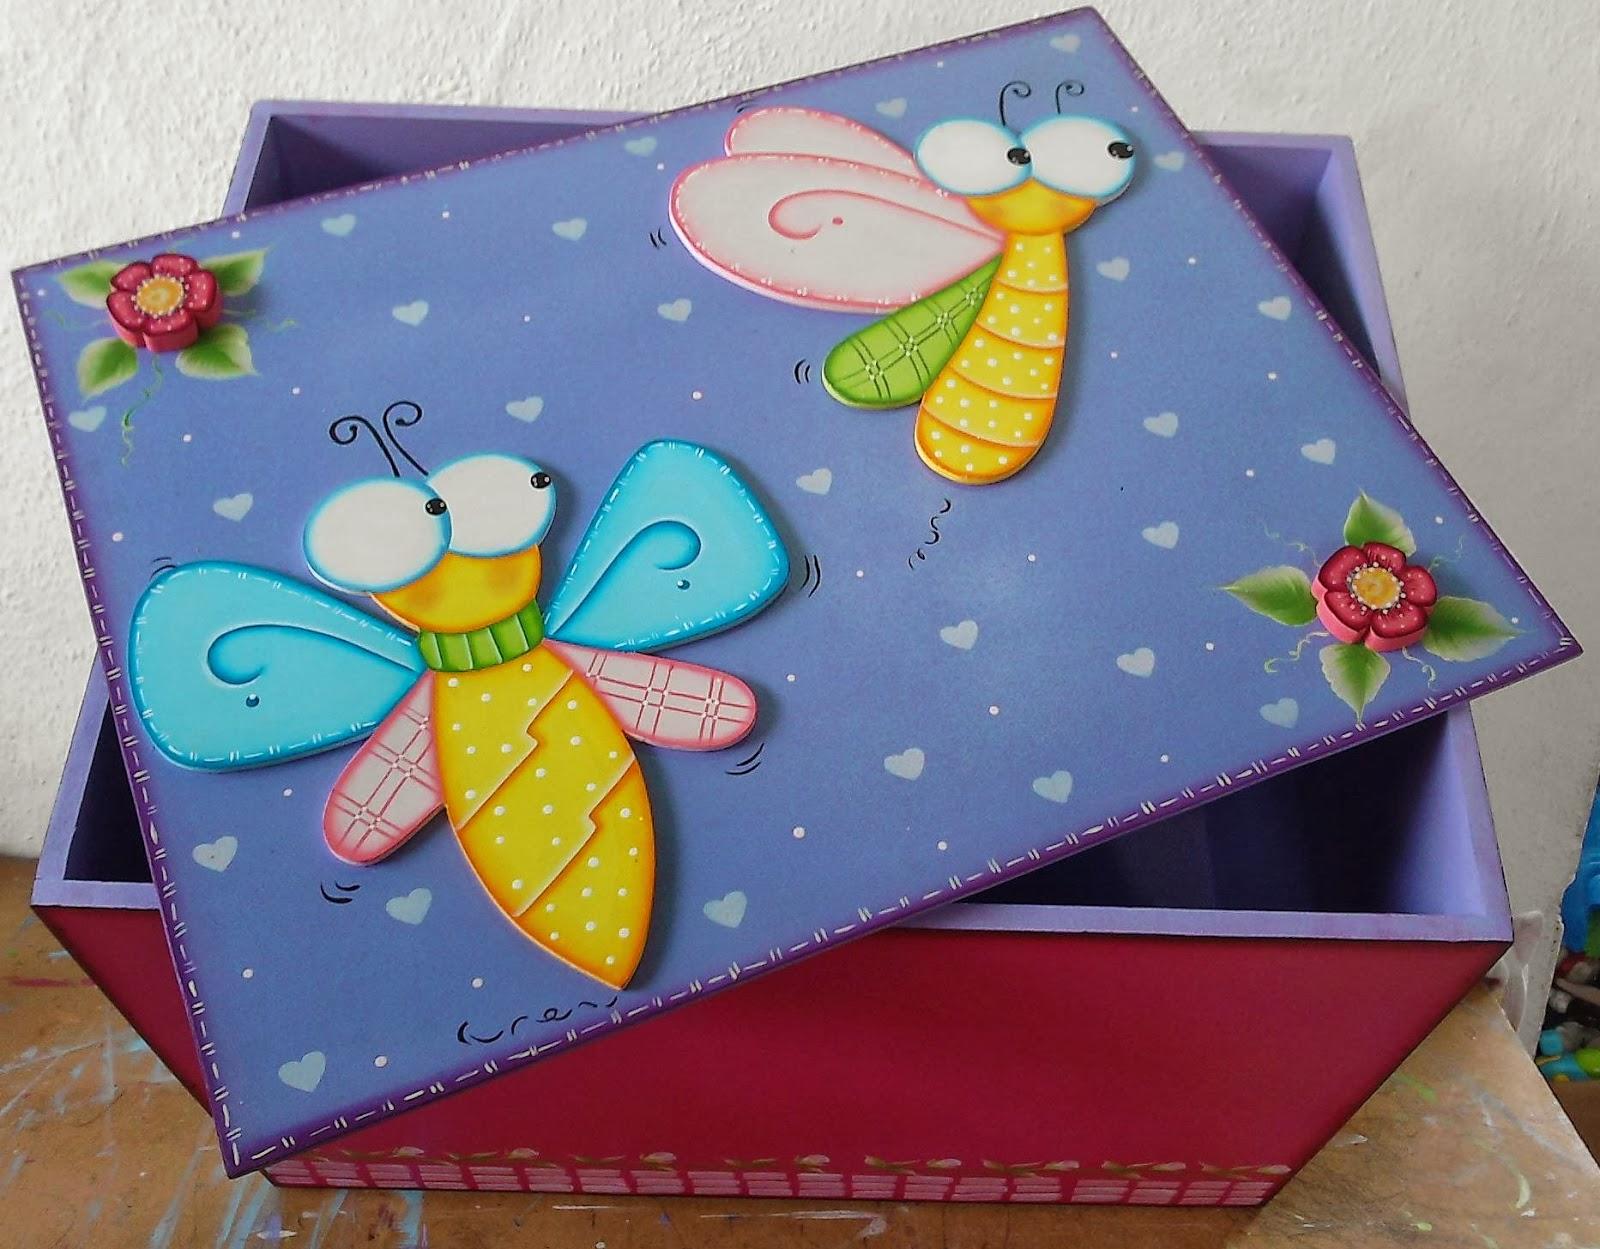 Cajas gigantes para guardar juguetes en mdf mis tablas - Decorar una caja de zapatos para ninos ...